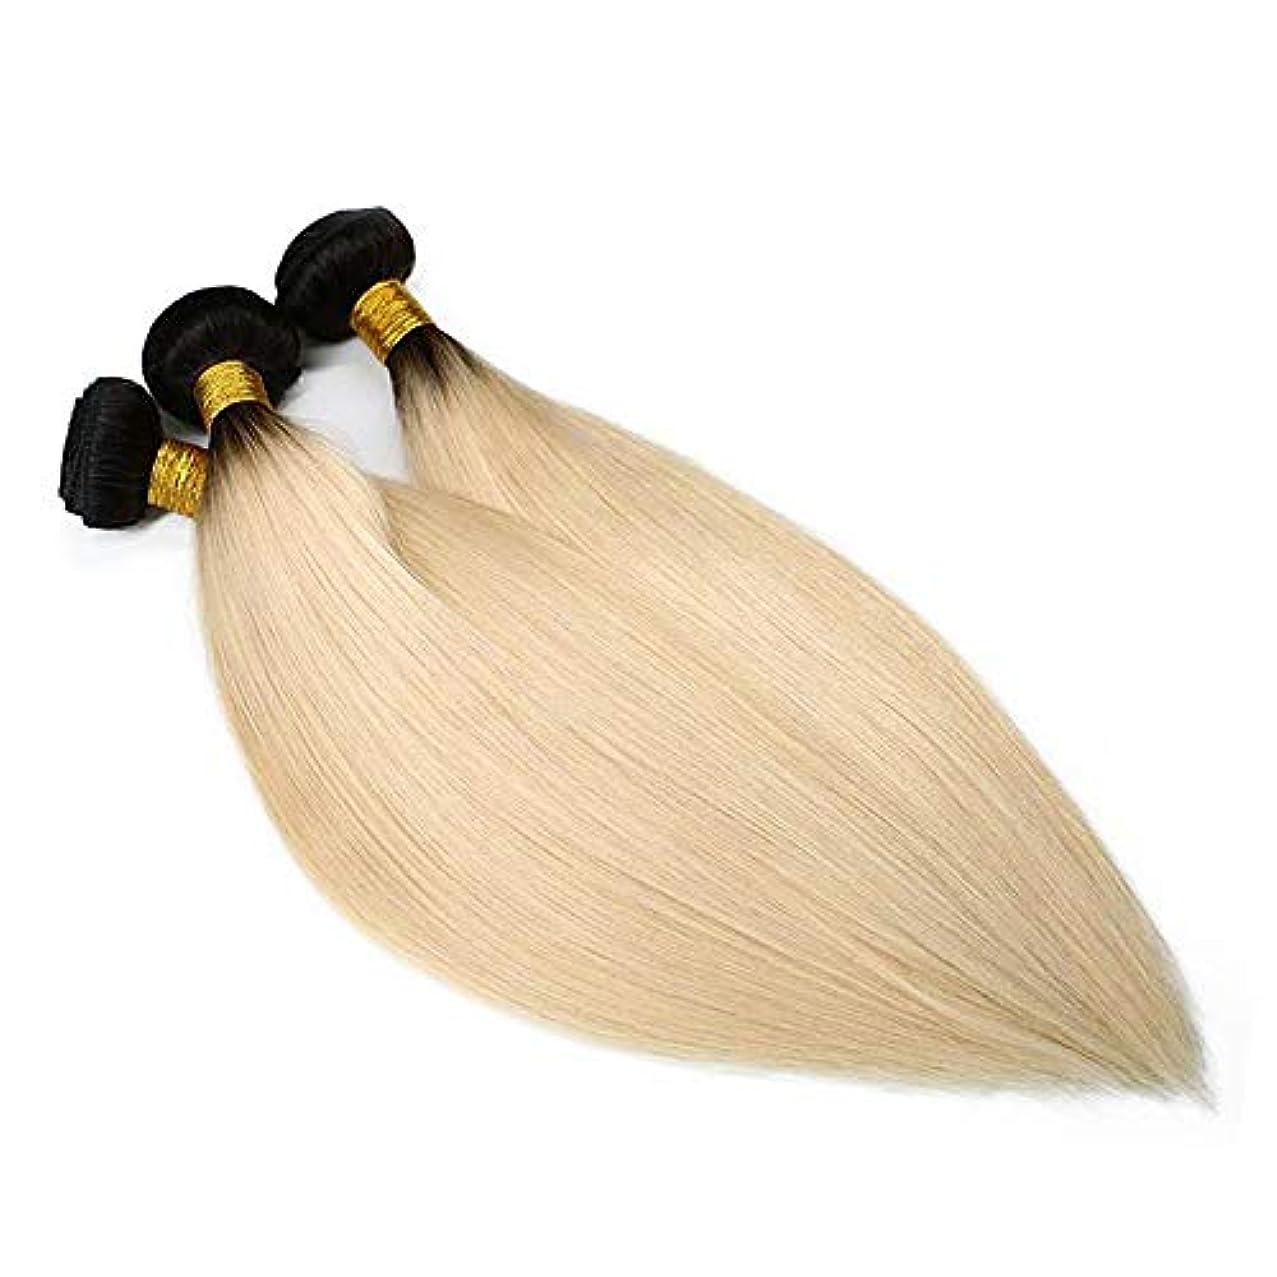 入射とにかくボイラーHOHYLLYA 18インチ人間の髪織りバンドルブラジルのヘアエクステンション横糸ストレート#1B / 613ブロンド(1バンドル、100g)合成毛髪のレースのかつらロールプレイングかつら (色 : Blonde, サイズ...